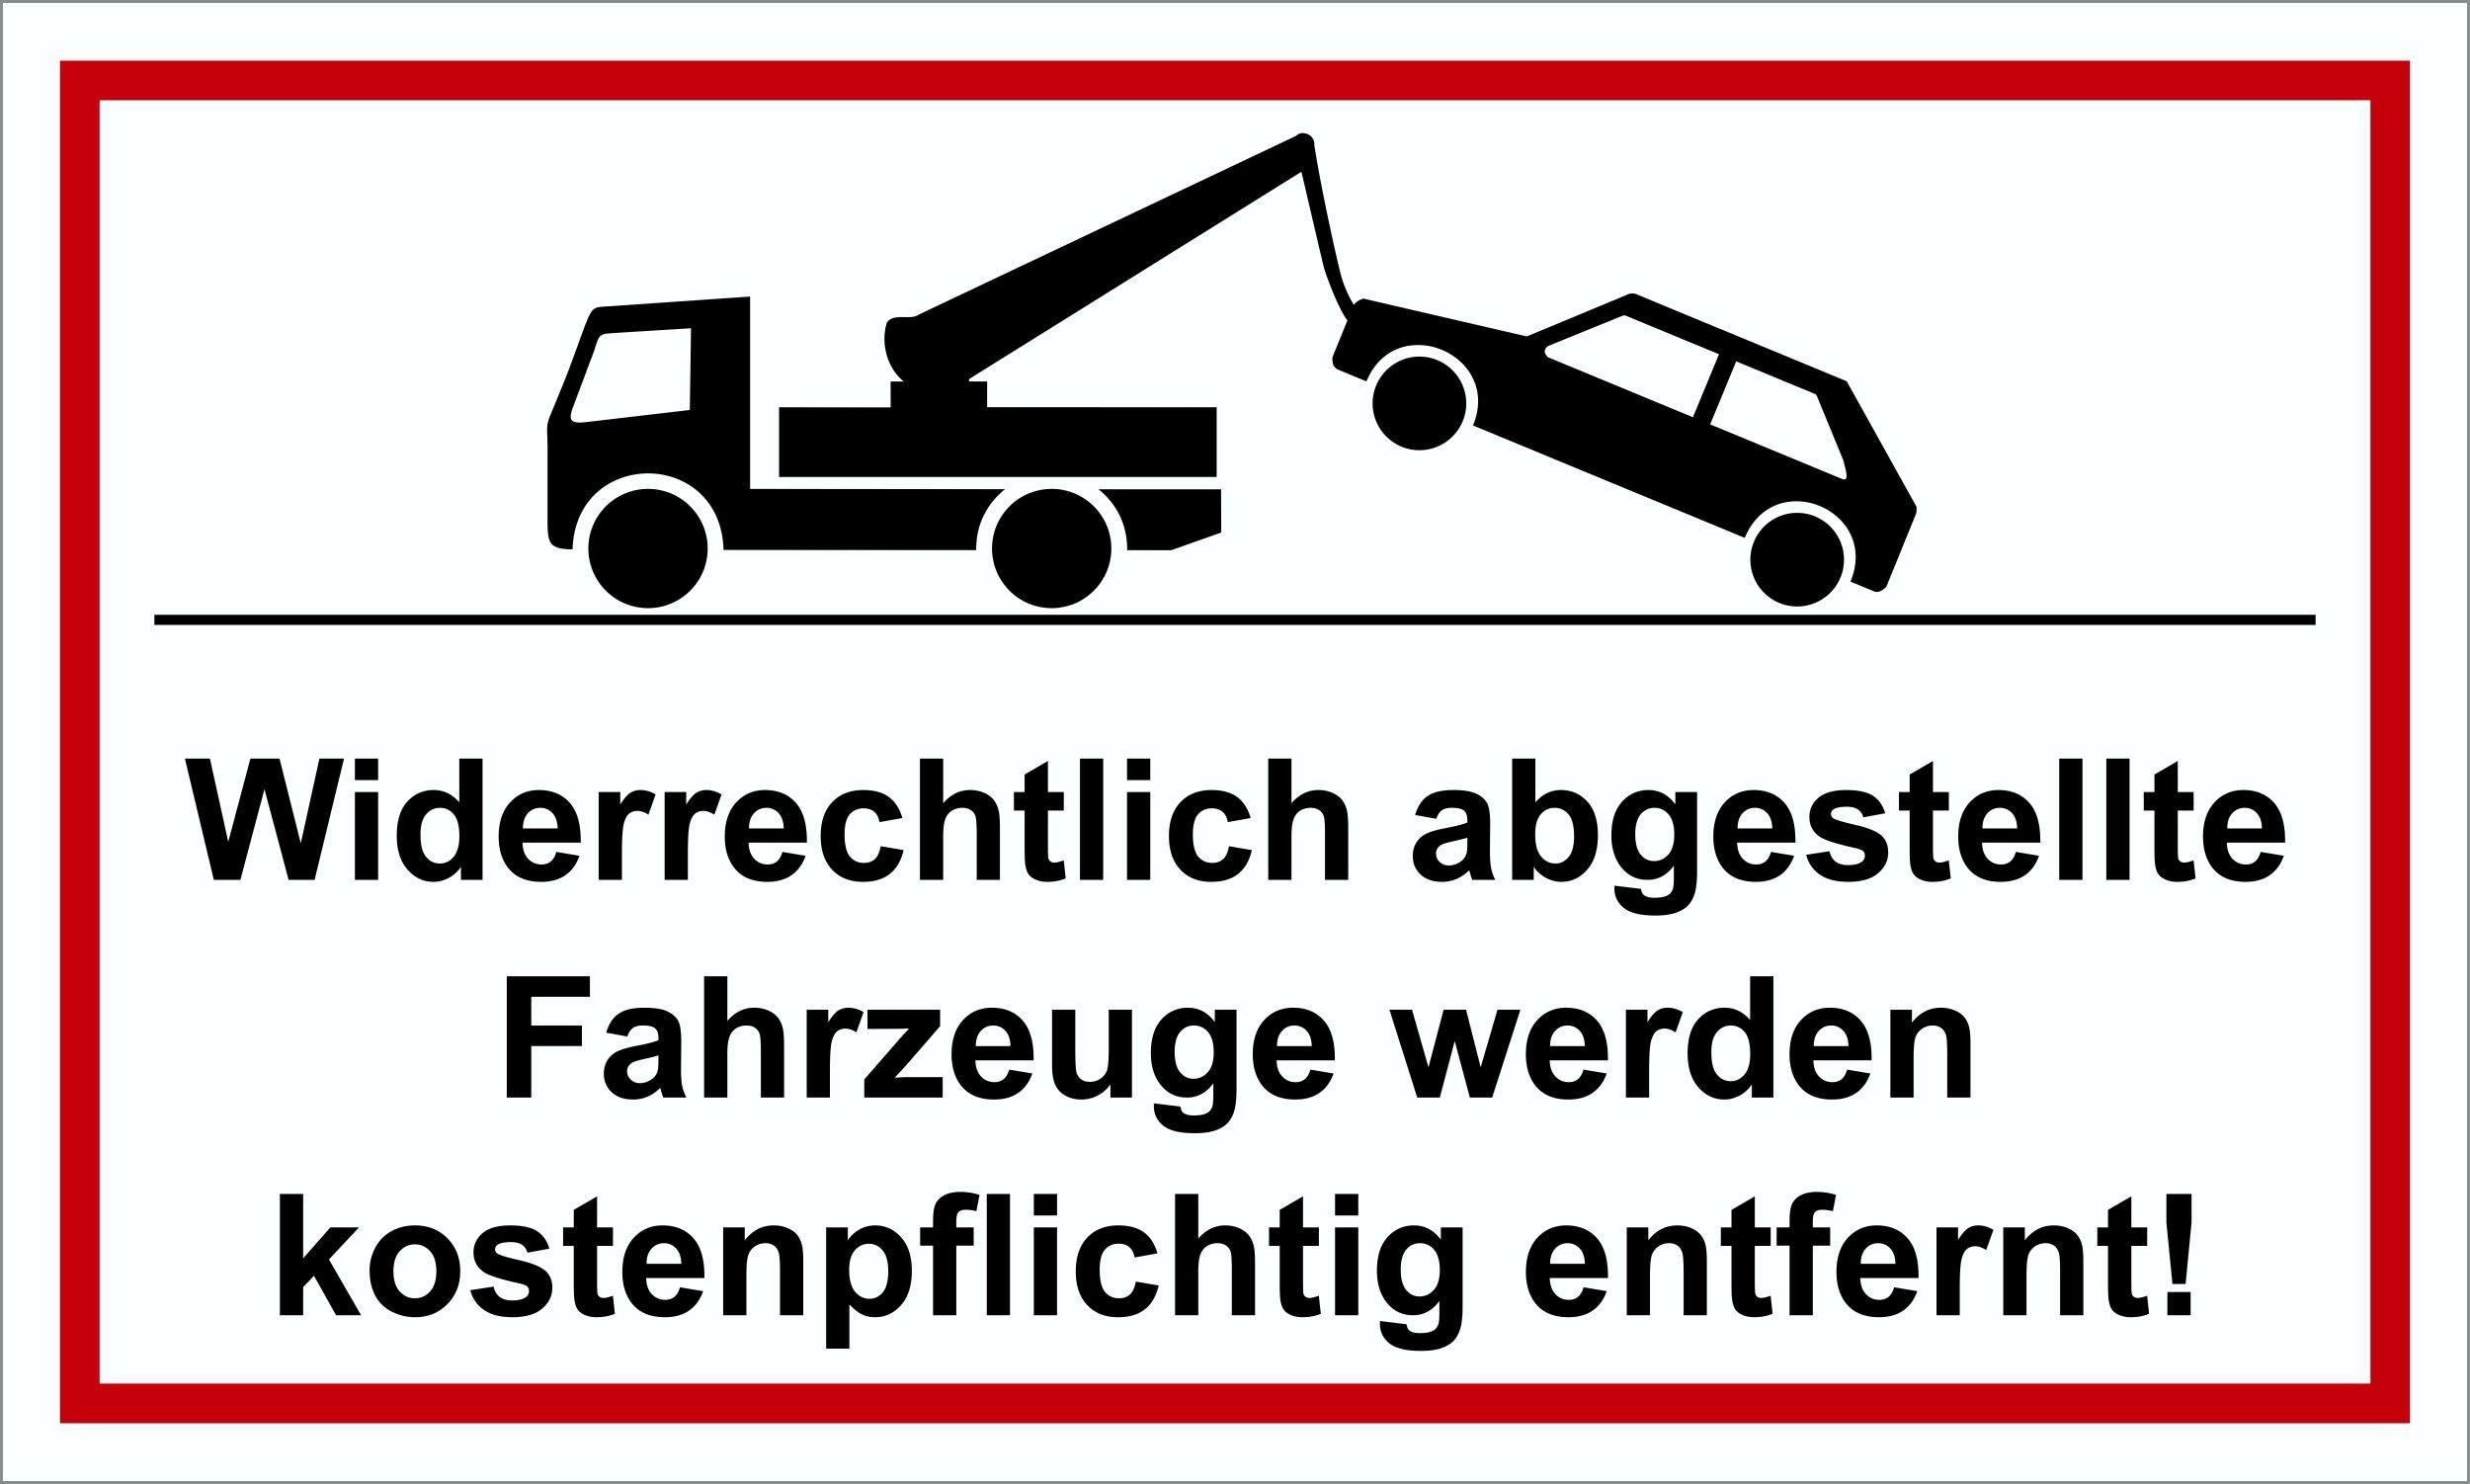 Widerrechtlich abgestellte Fahrzeuge werden kostenpflichtig entfernt! 150 x 250 mm Warn- Hinweis- und Verbotsschild PST-Kunststoff – Bild 1